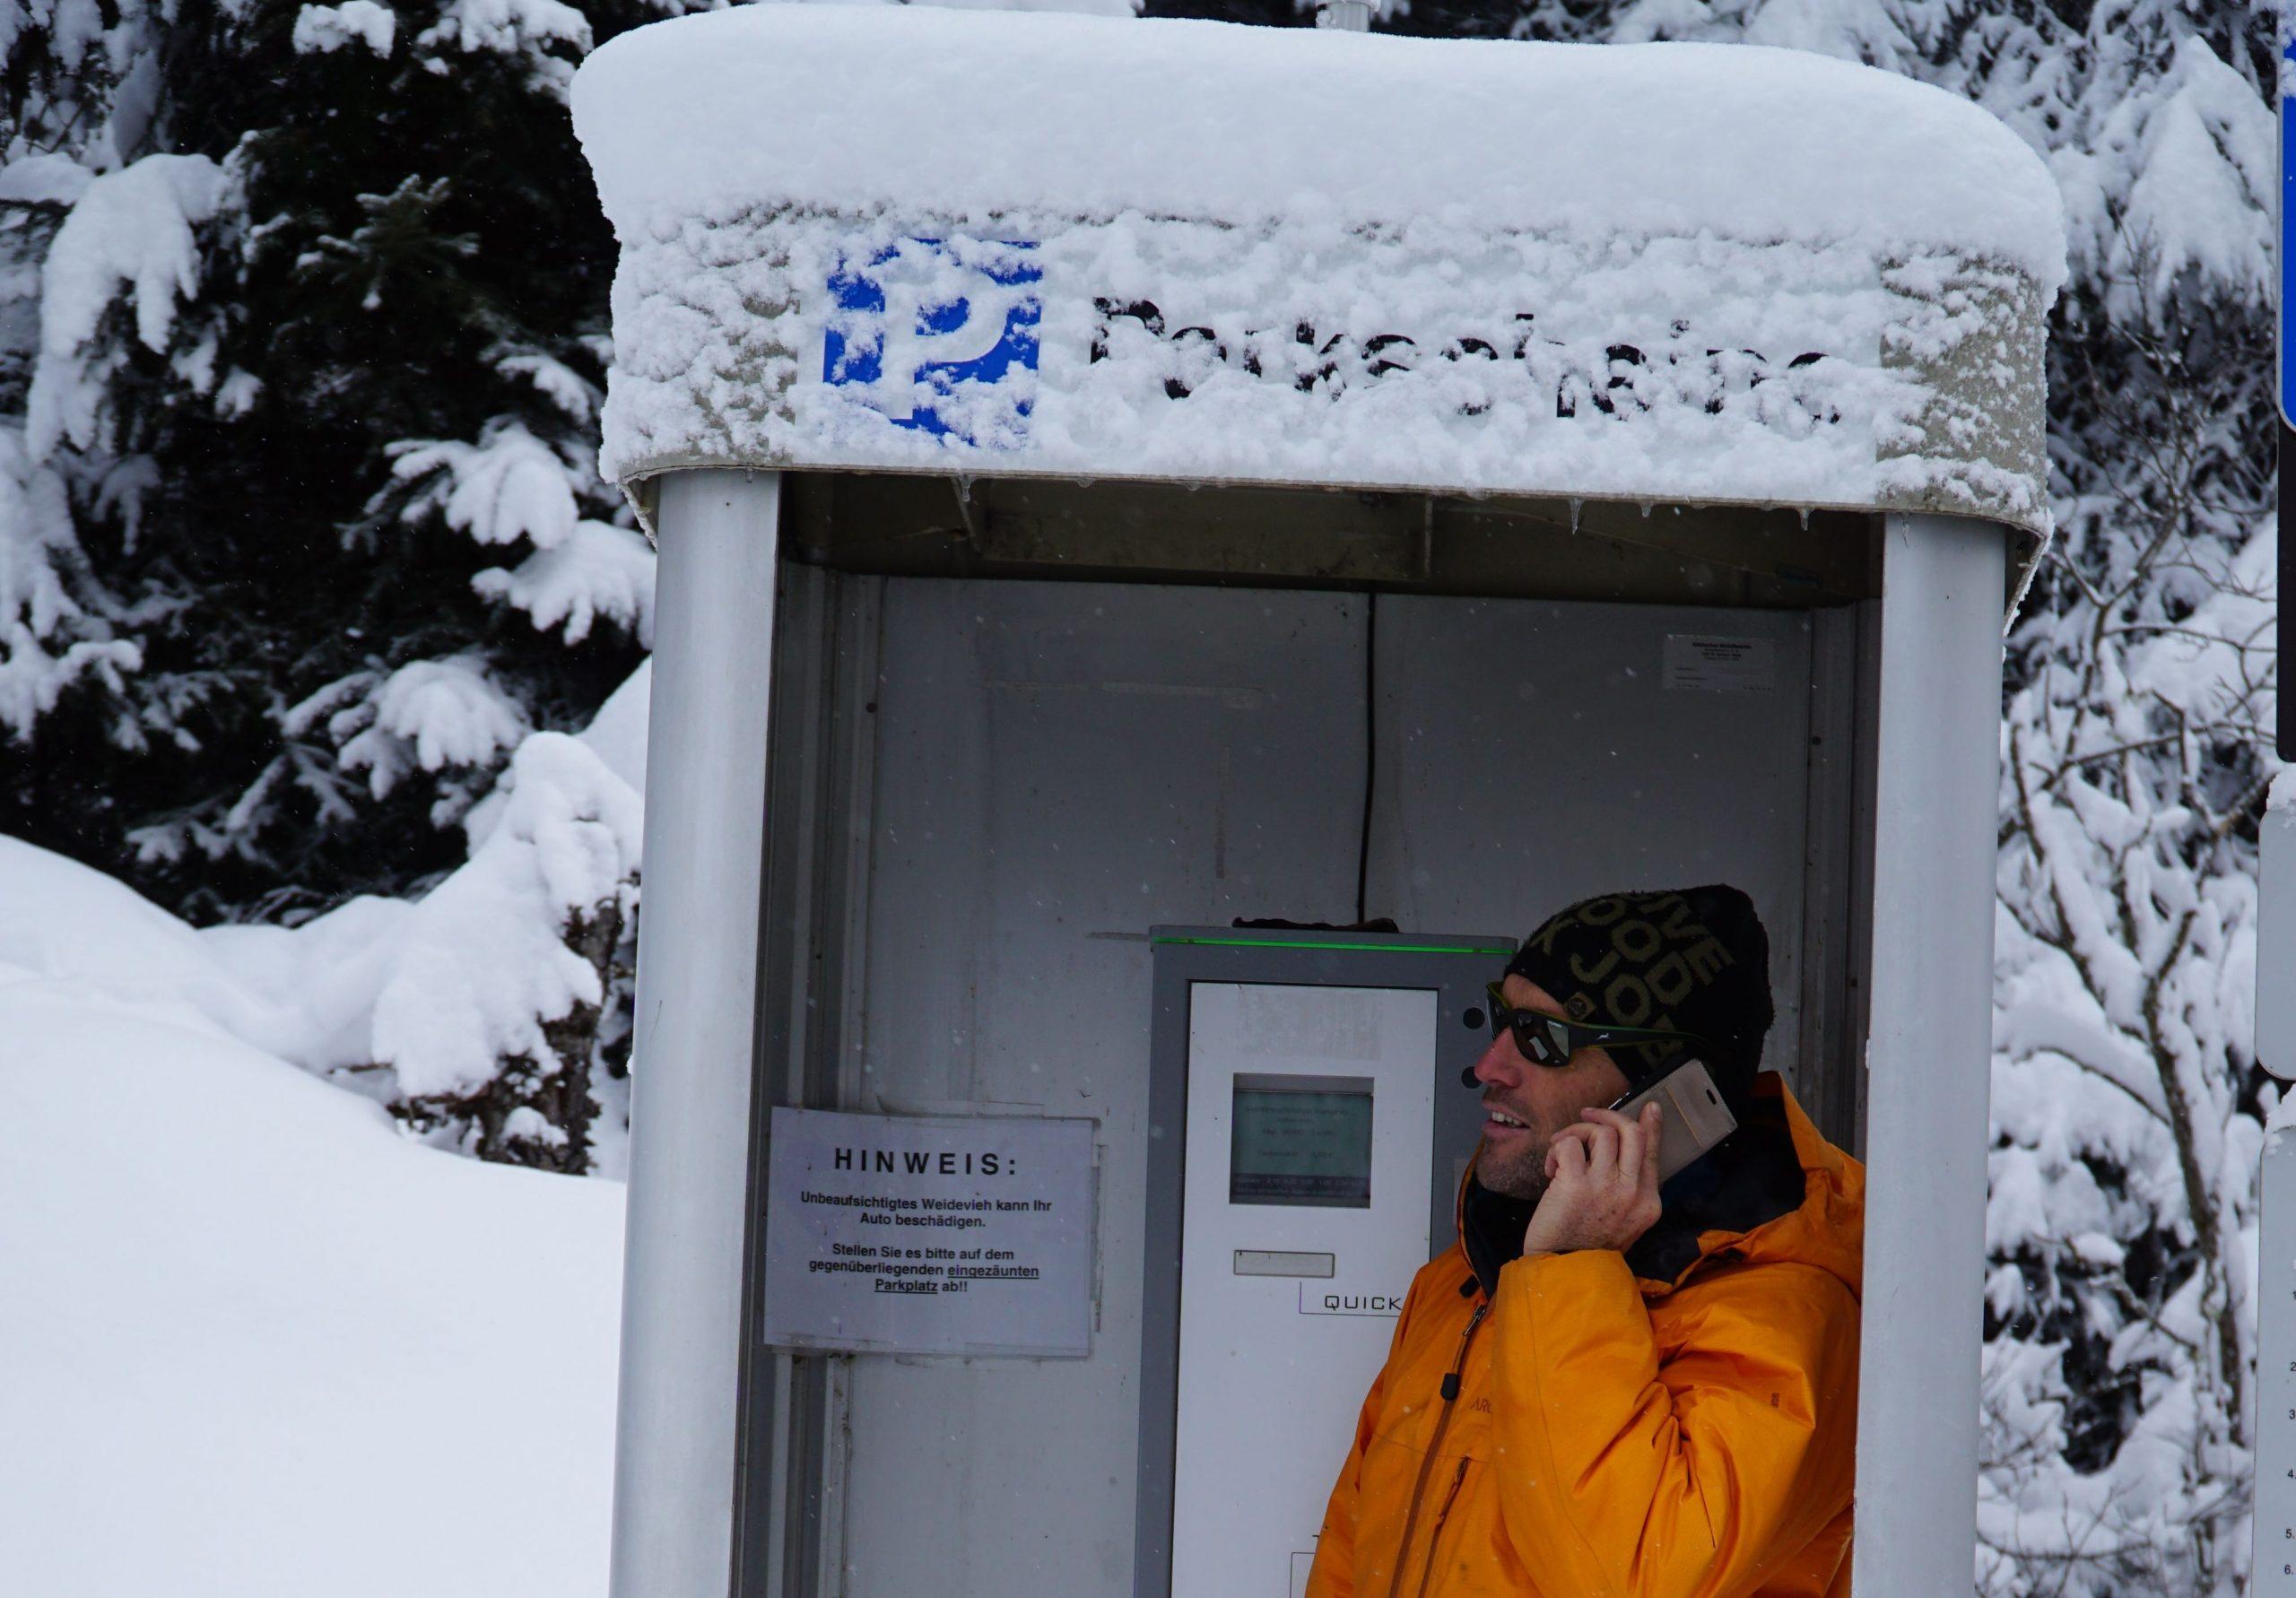 Kommunikation Notfall Alpin © argonaut.pro I bergundsteigen.blog